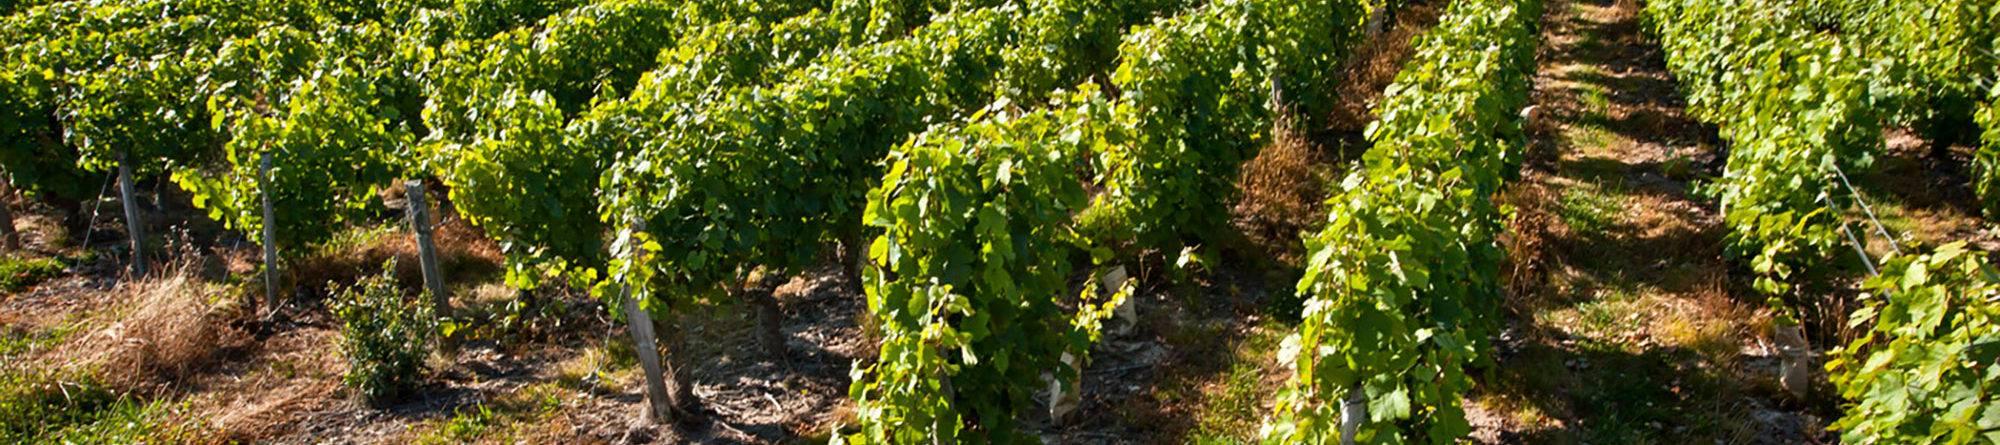 Evènements des Vignobles Feray en Touraine